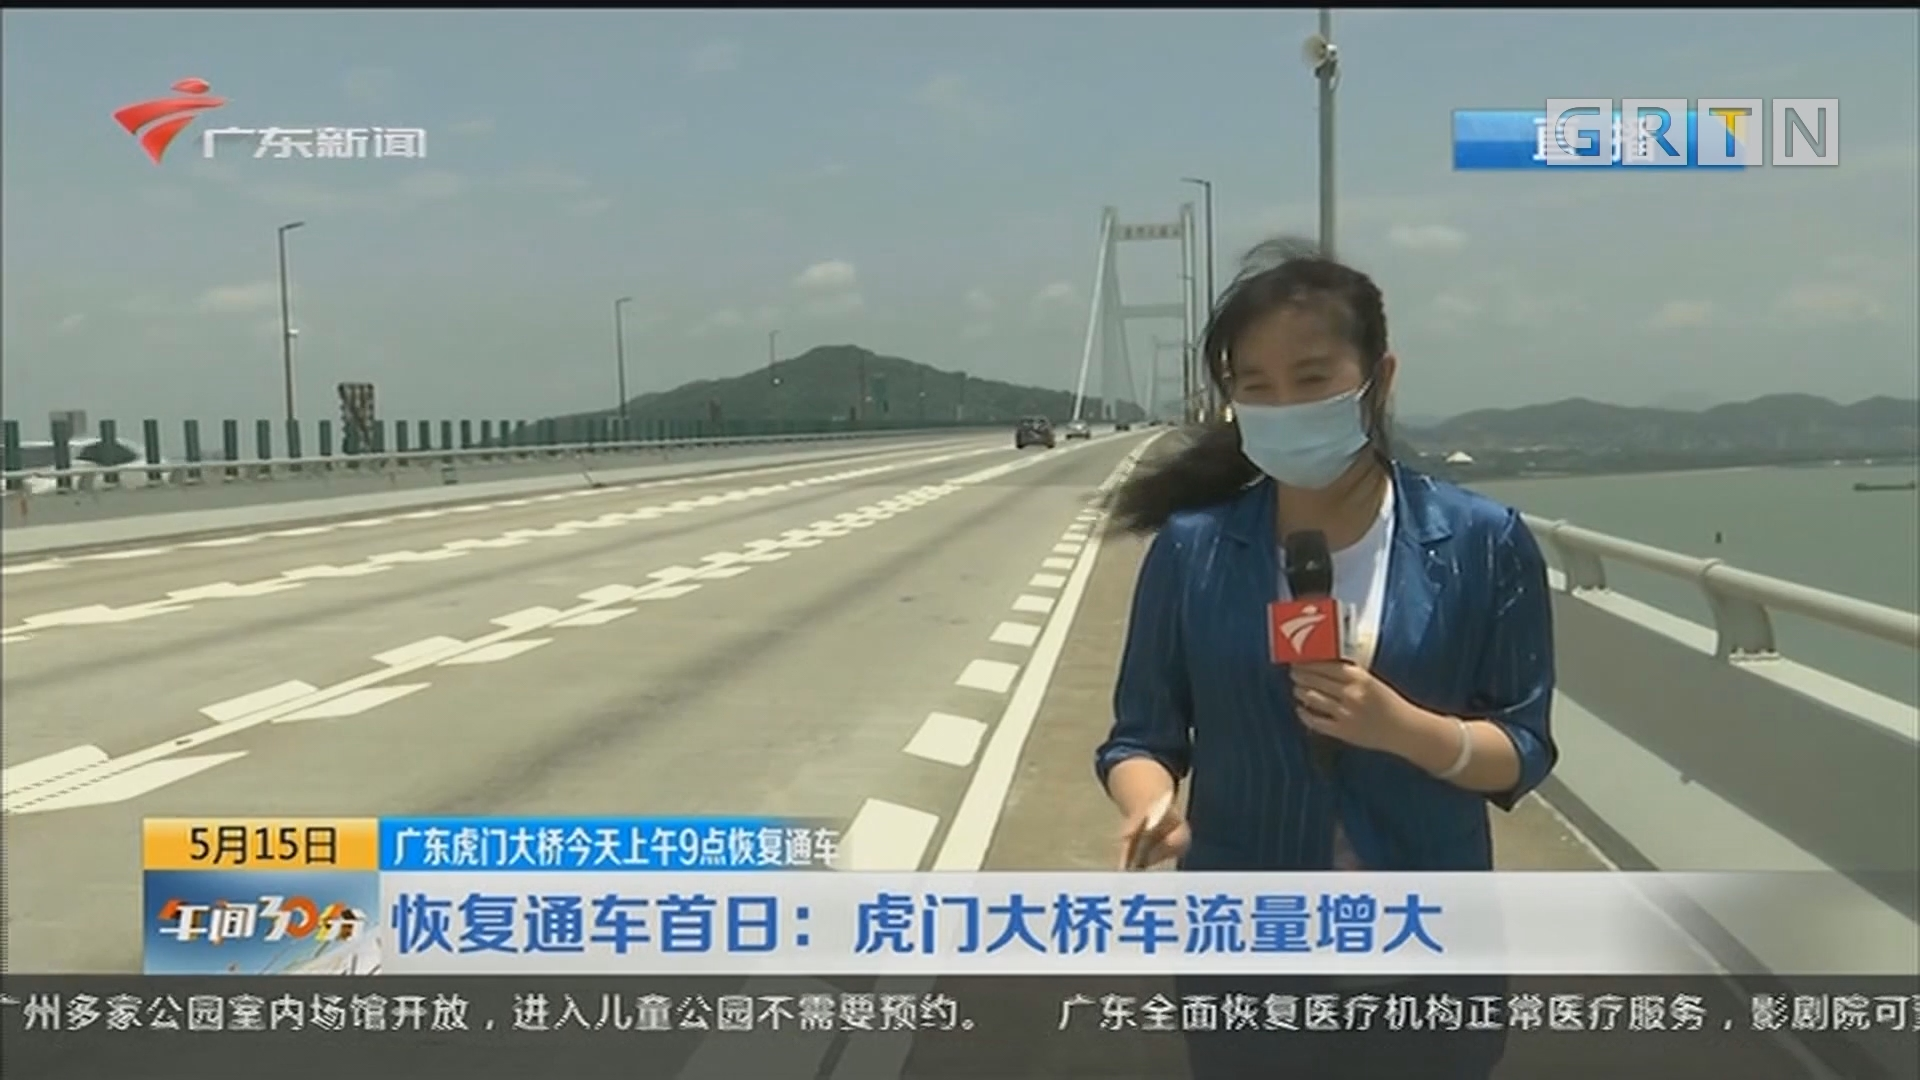 广东虎门大桥今天上午9点恢复通车 恢复通车首日:虎门大桥车流量增大